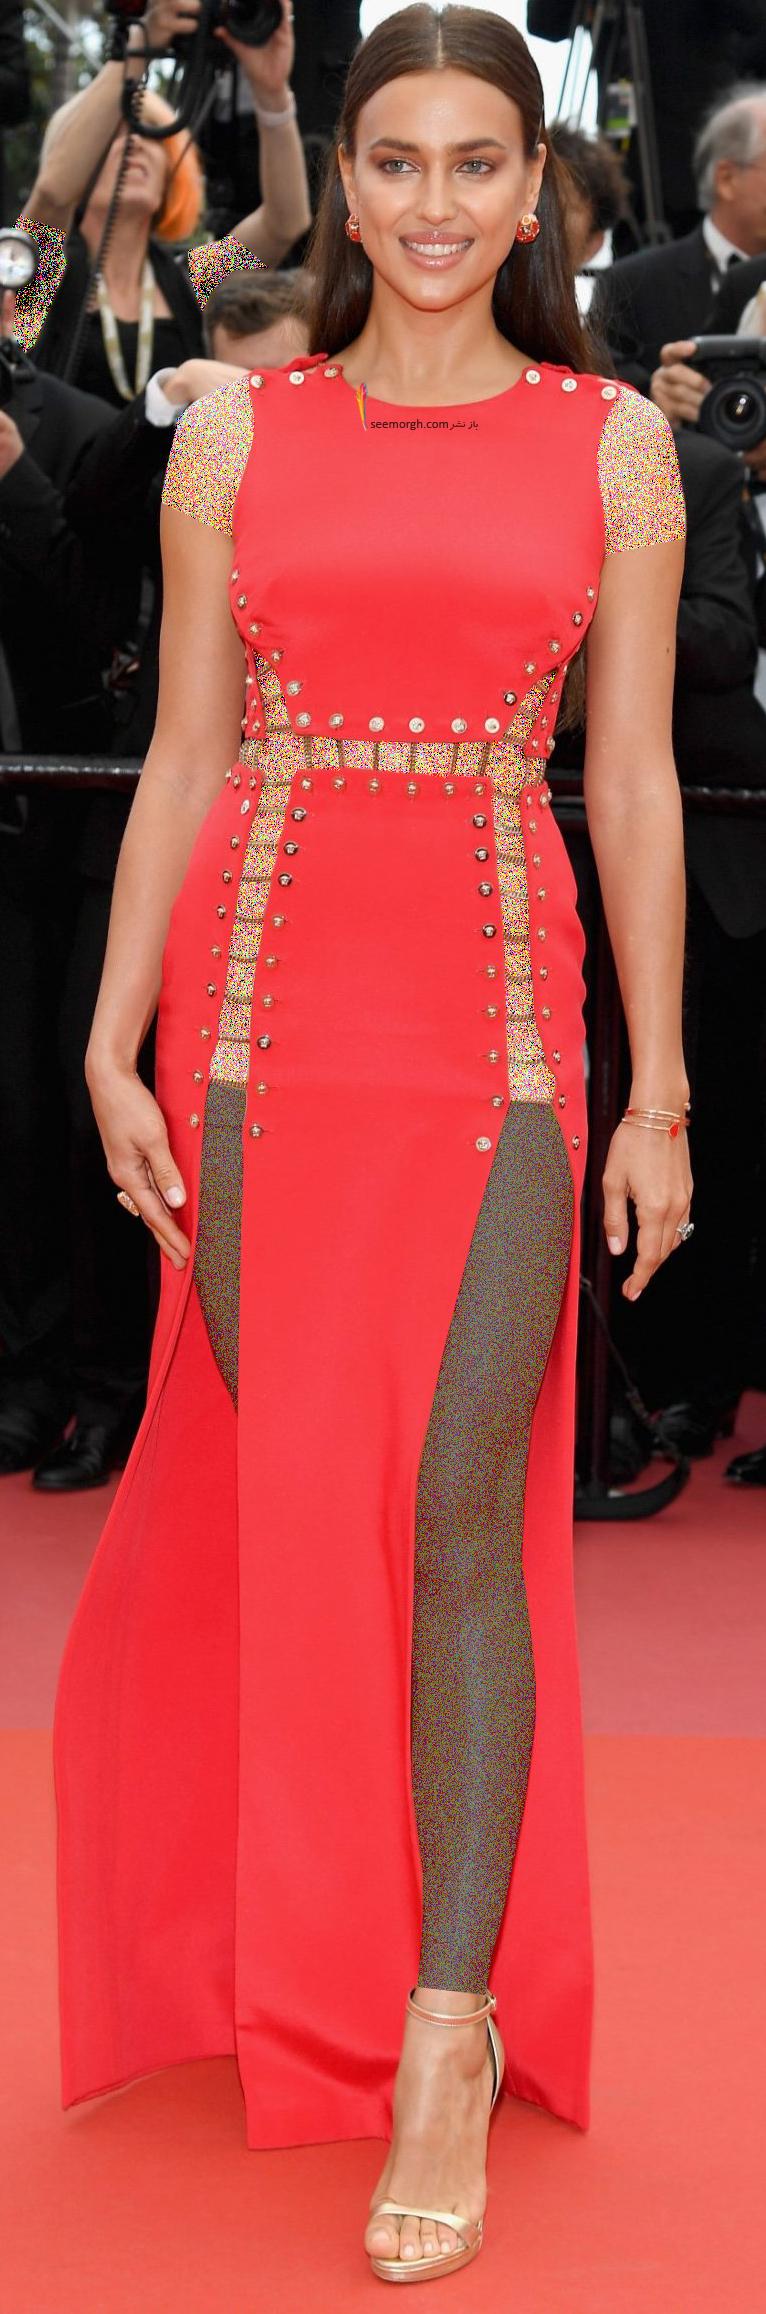 مدل لباس در روز سوم جشنواره کن 2018 Cannes - ایرینا شایک irina shayk